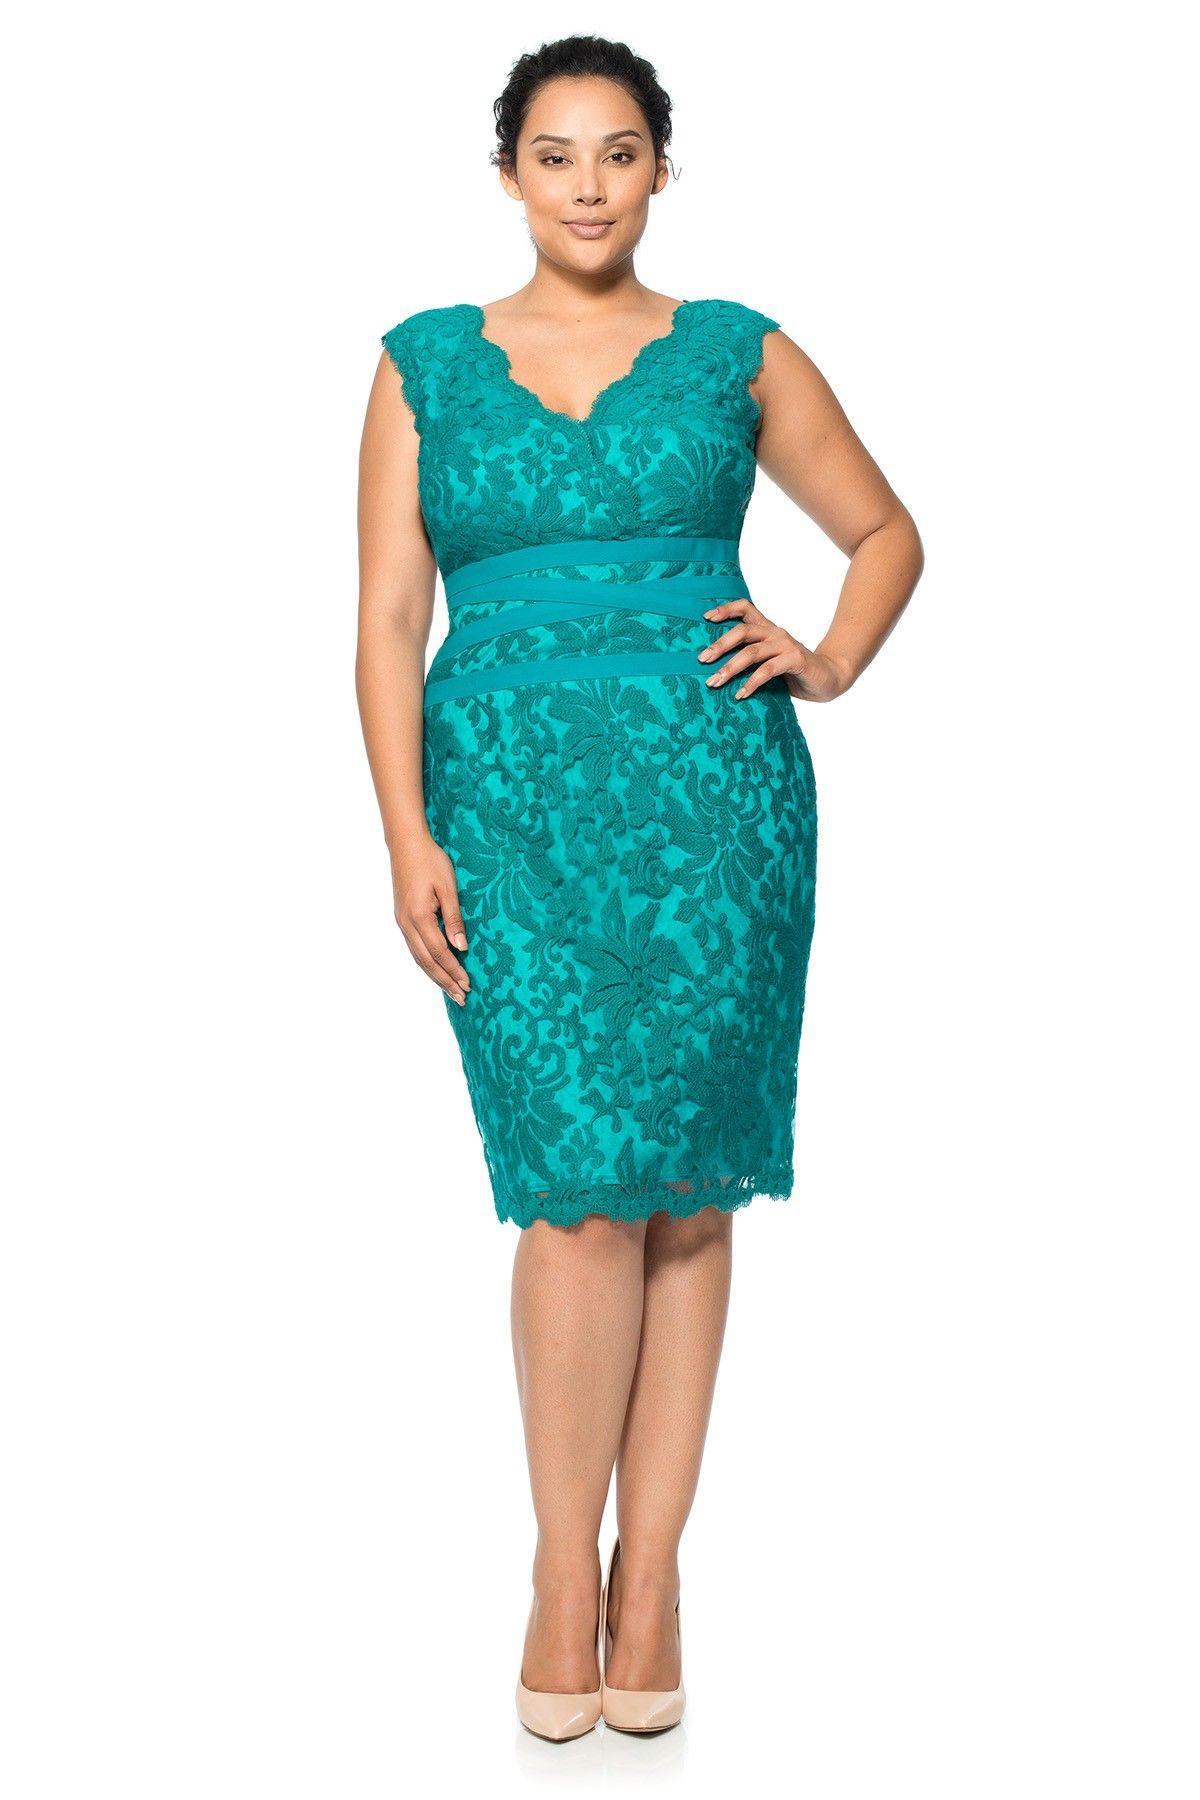 Embroidered Lace V-Neck Dress - PLUS SIZE | Tadashi Shoji | Mary ...